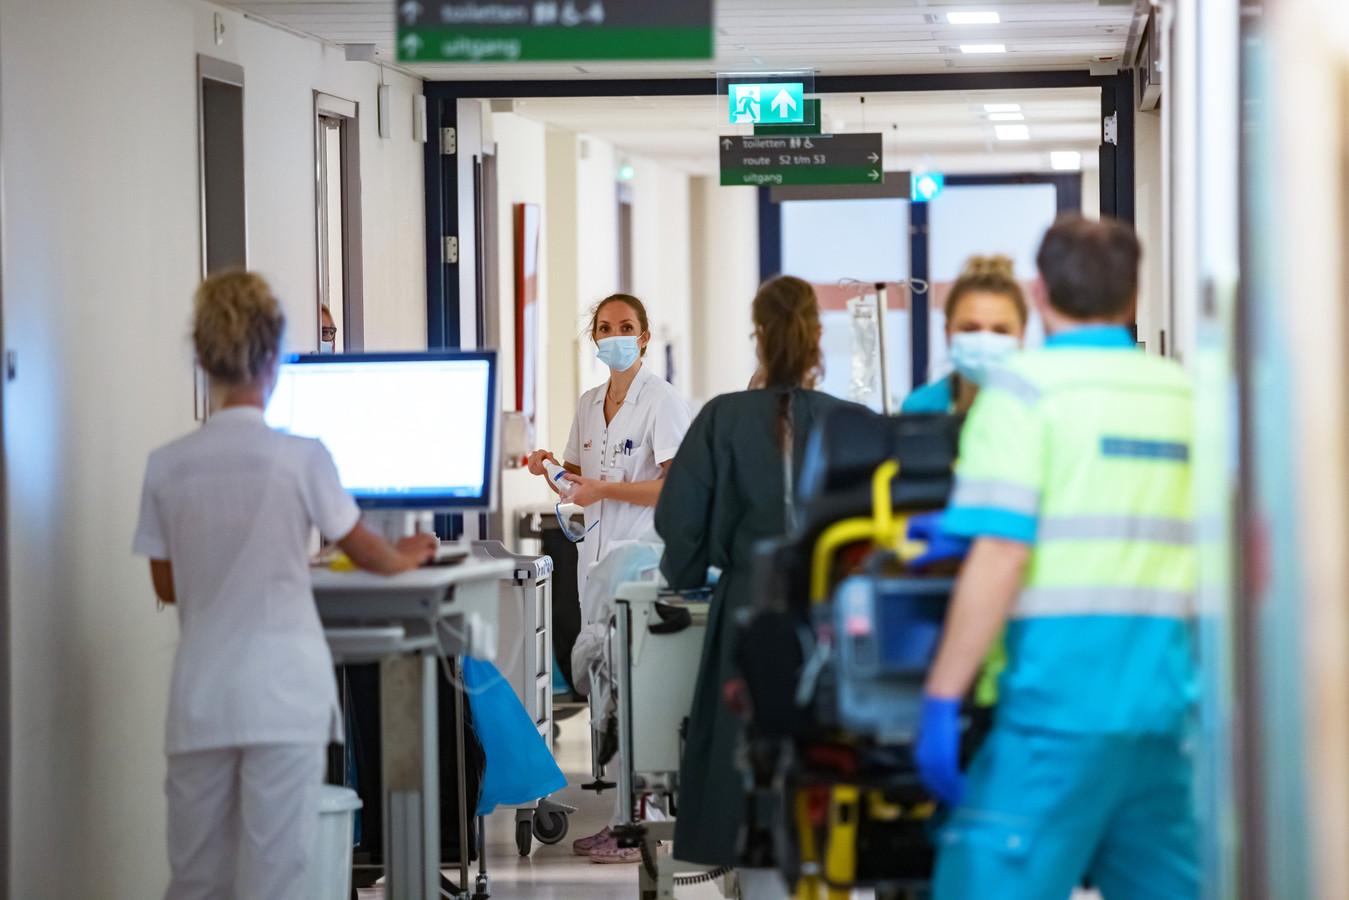 Medewerkers van de spoedeisende hulp van het Bravis ziekenhuis in Bergen op Zoom werken onder hoogspanning vanwege corona.